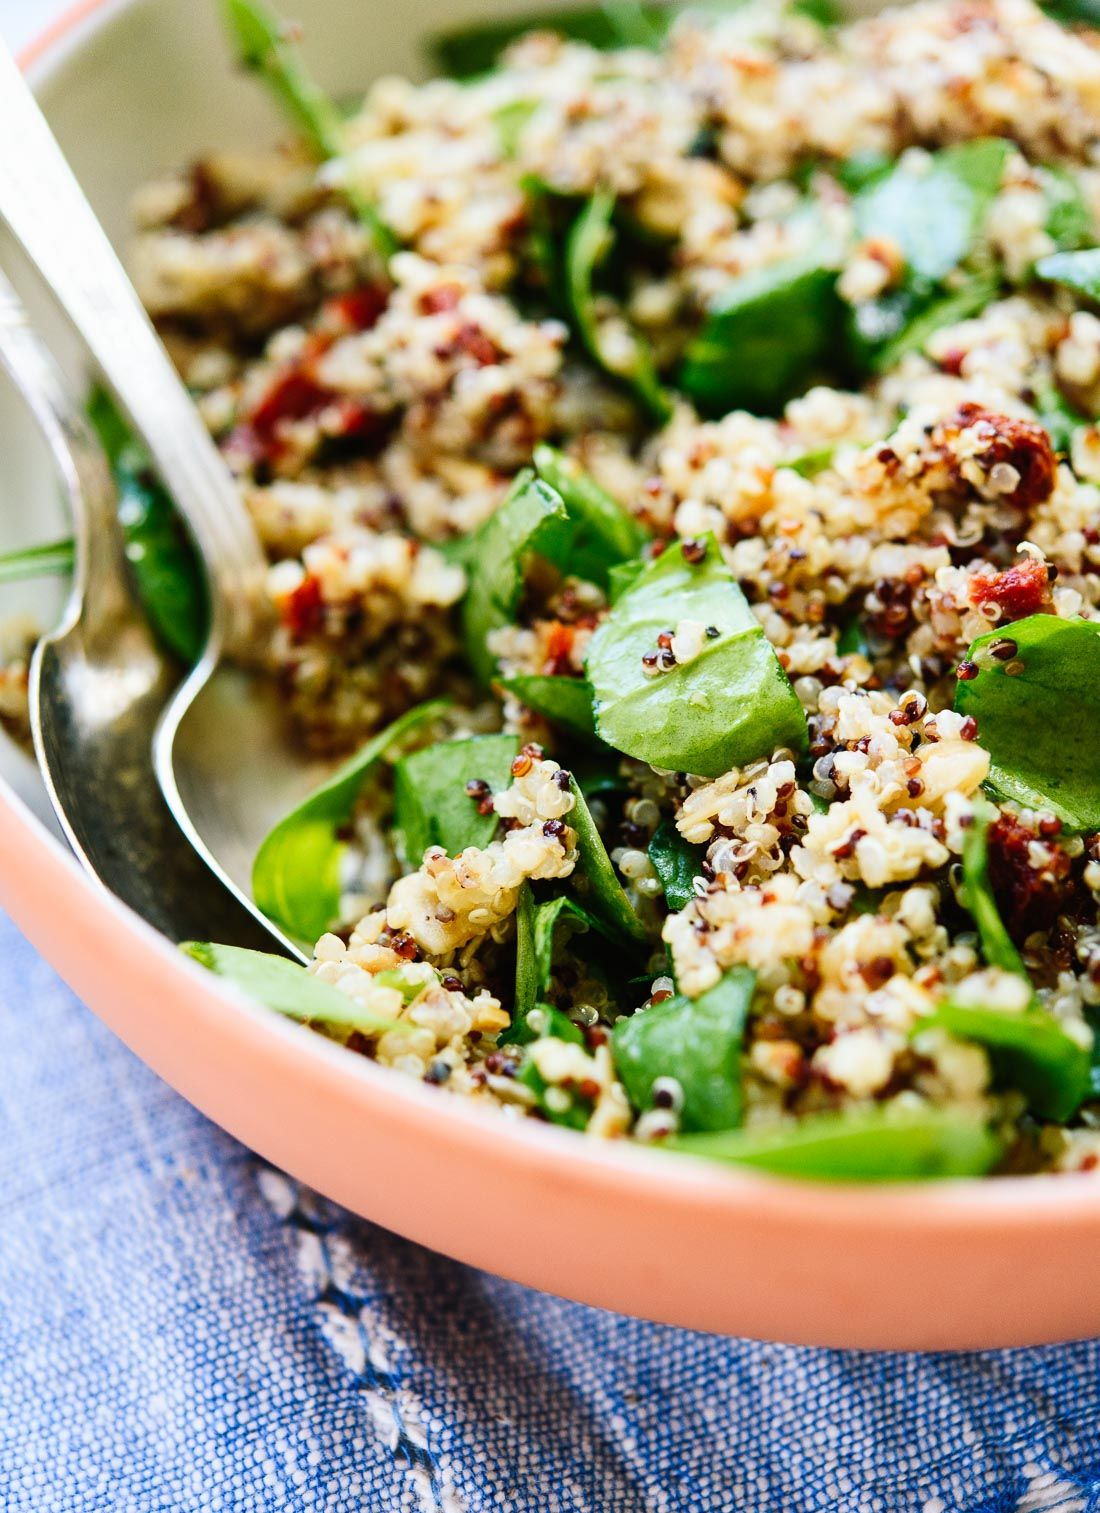 Sun Dried Tomato Spinach And Quinoa Salad Cookie And Kate Recipe Quinoa Salad Recipes Quinoa Salad Sun Dried Tomato